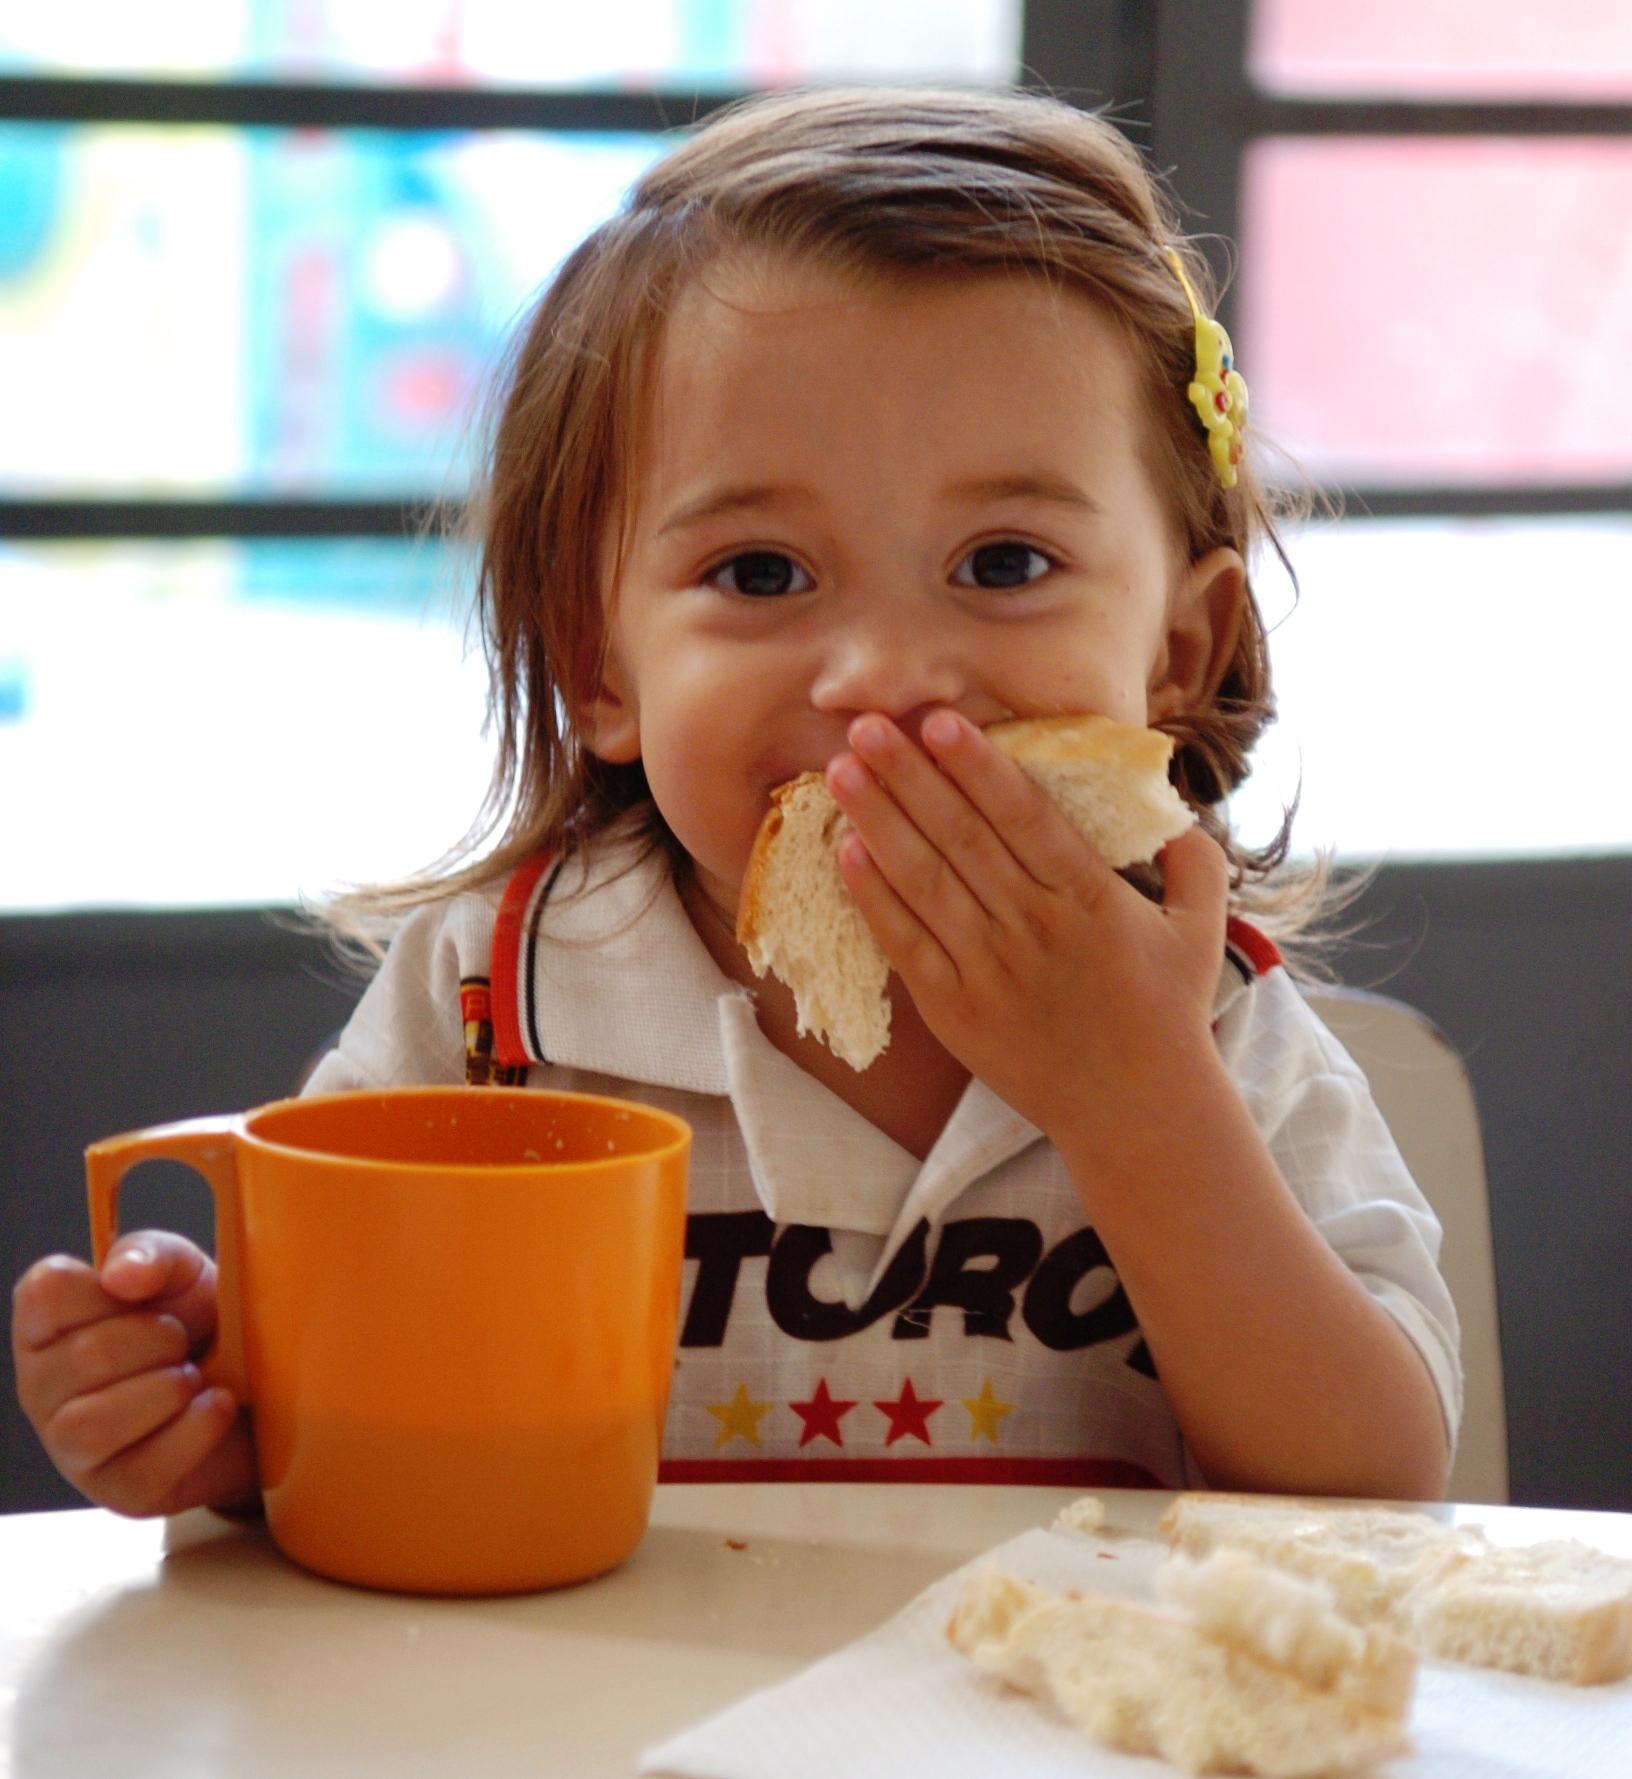 CREN – Vencendo a desnutrição